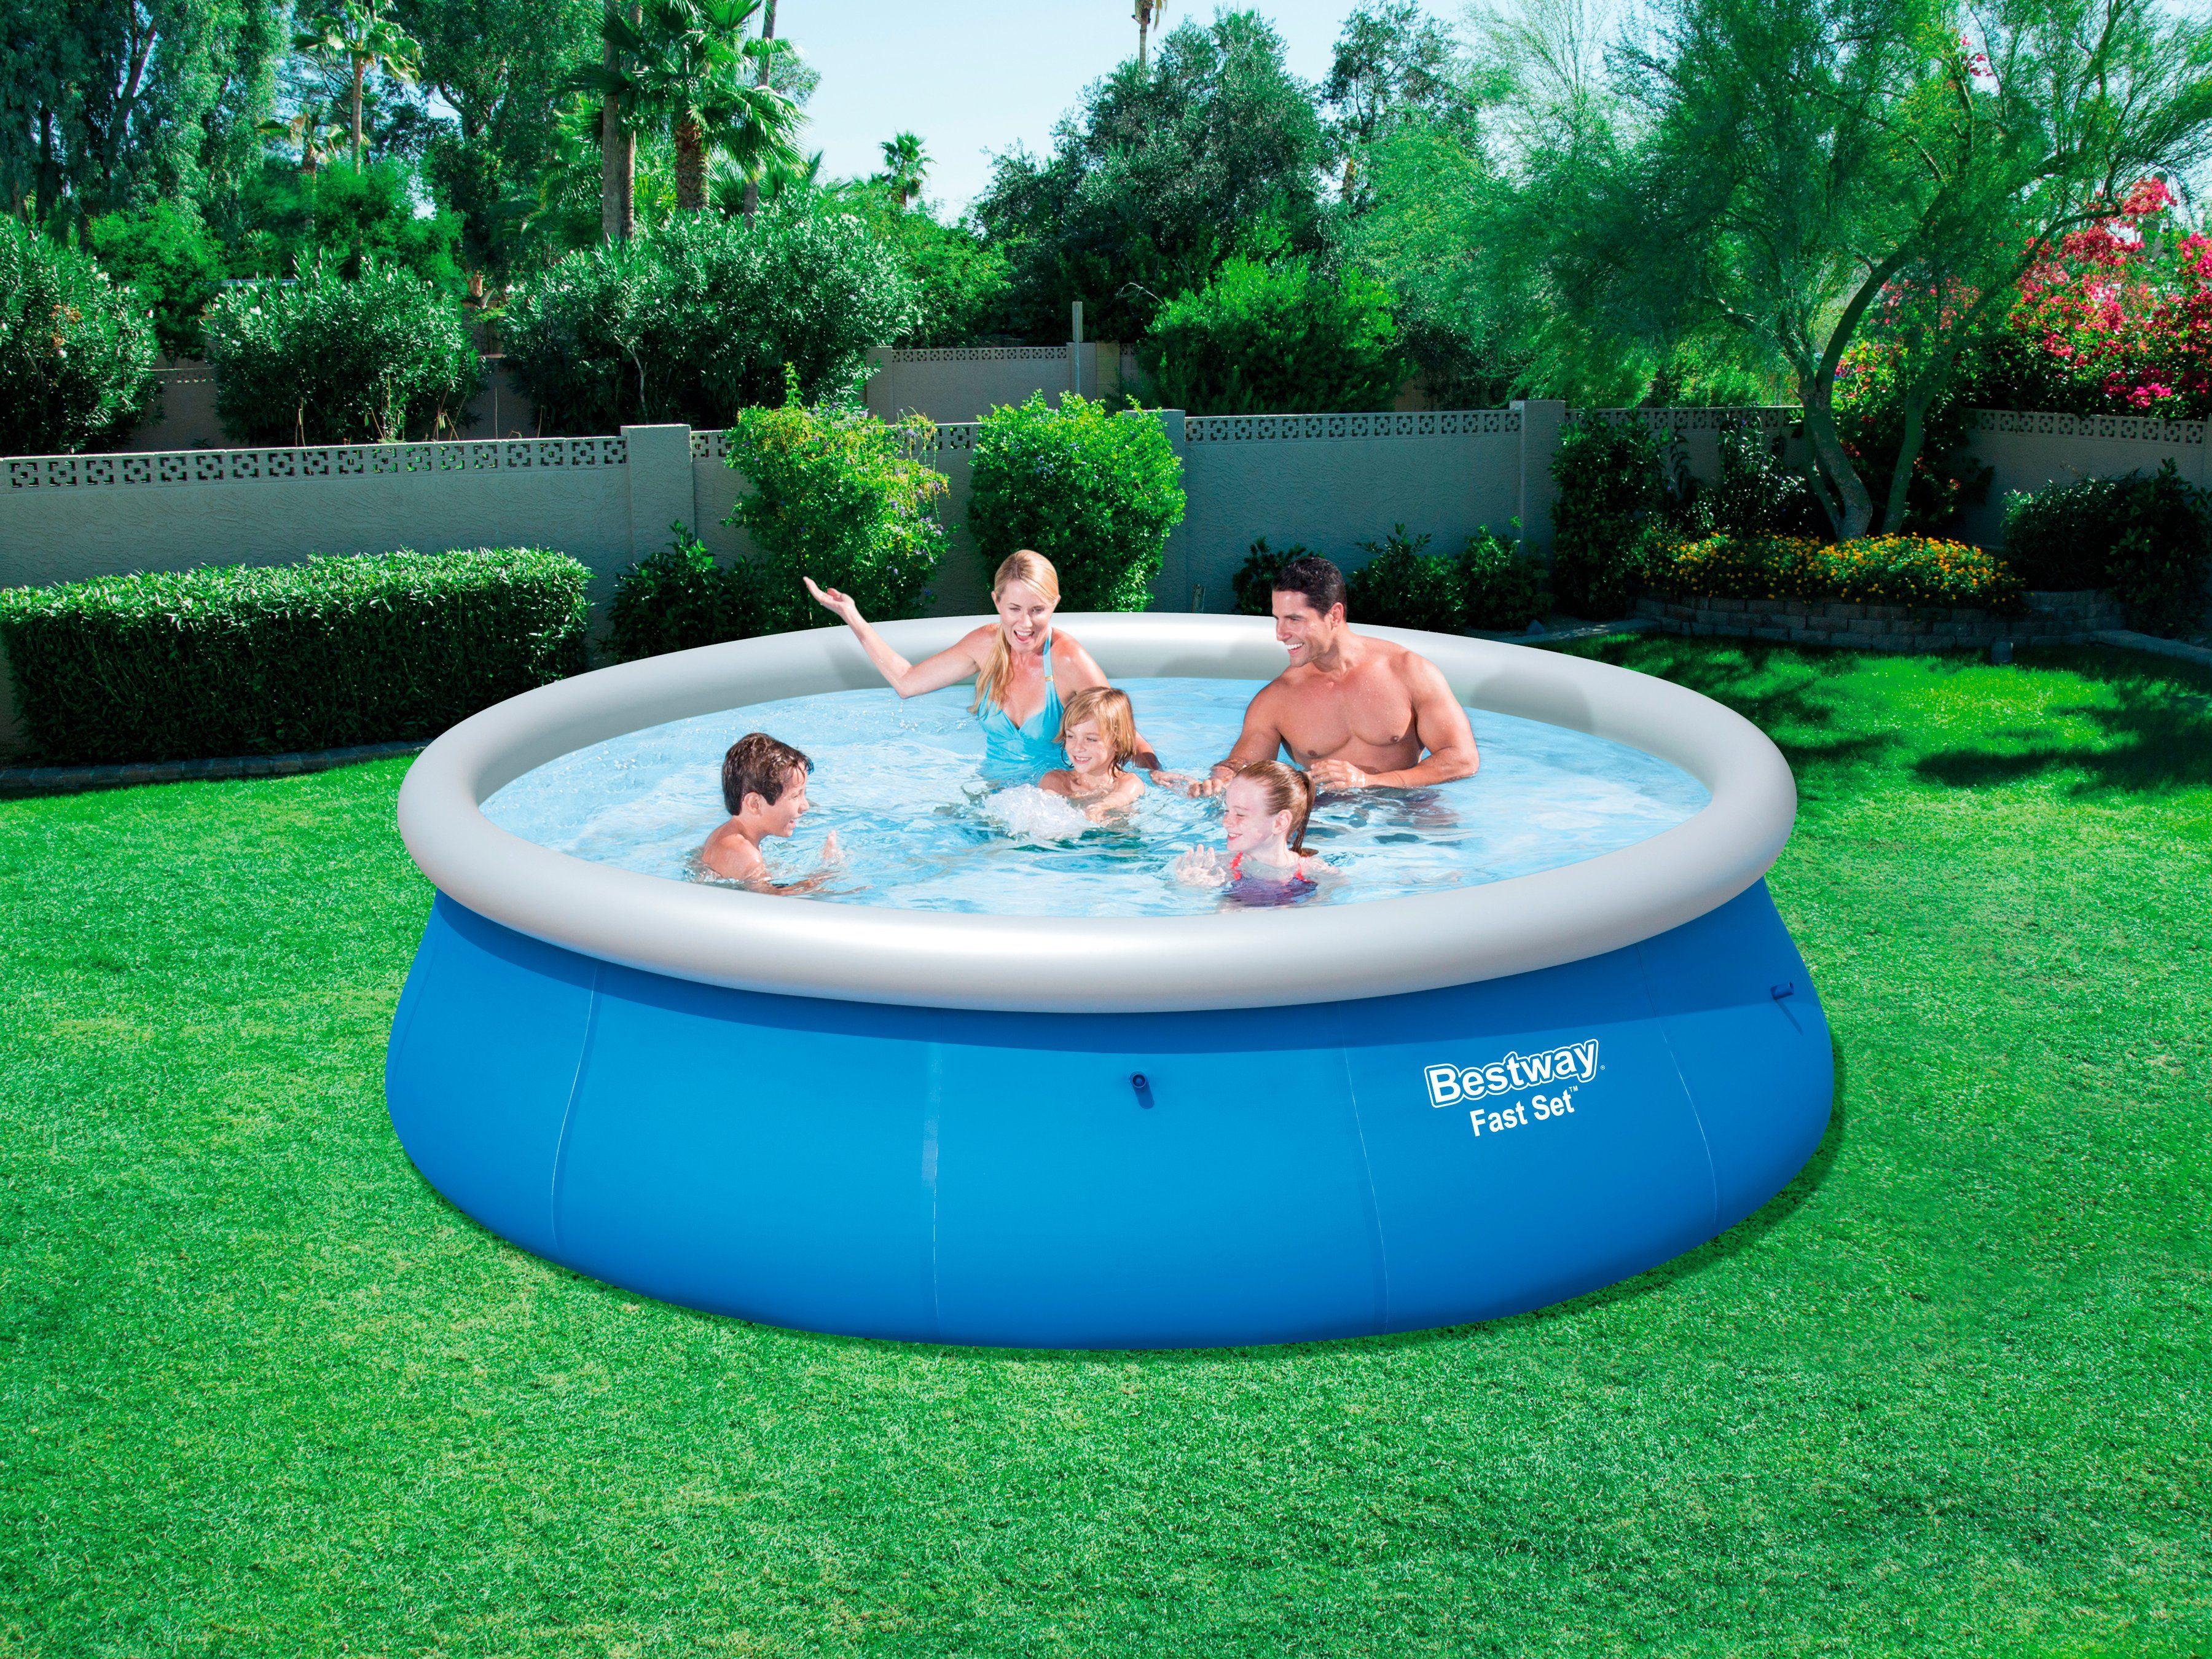 BESTWAY Quick-Up Pool »Fast Set™«, ØxH: 396x84 cm